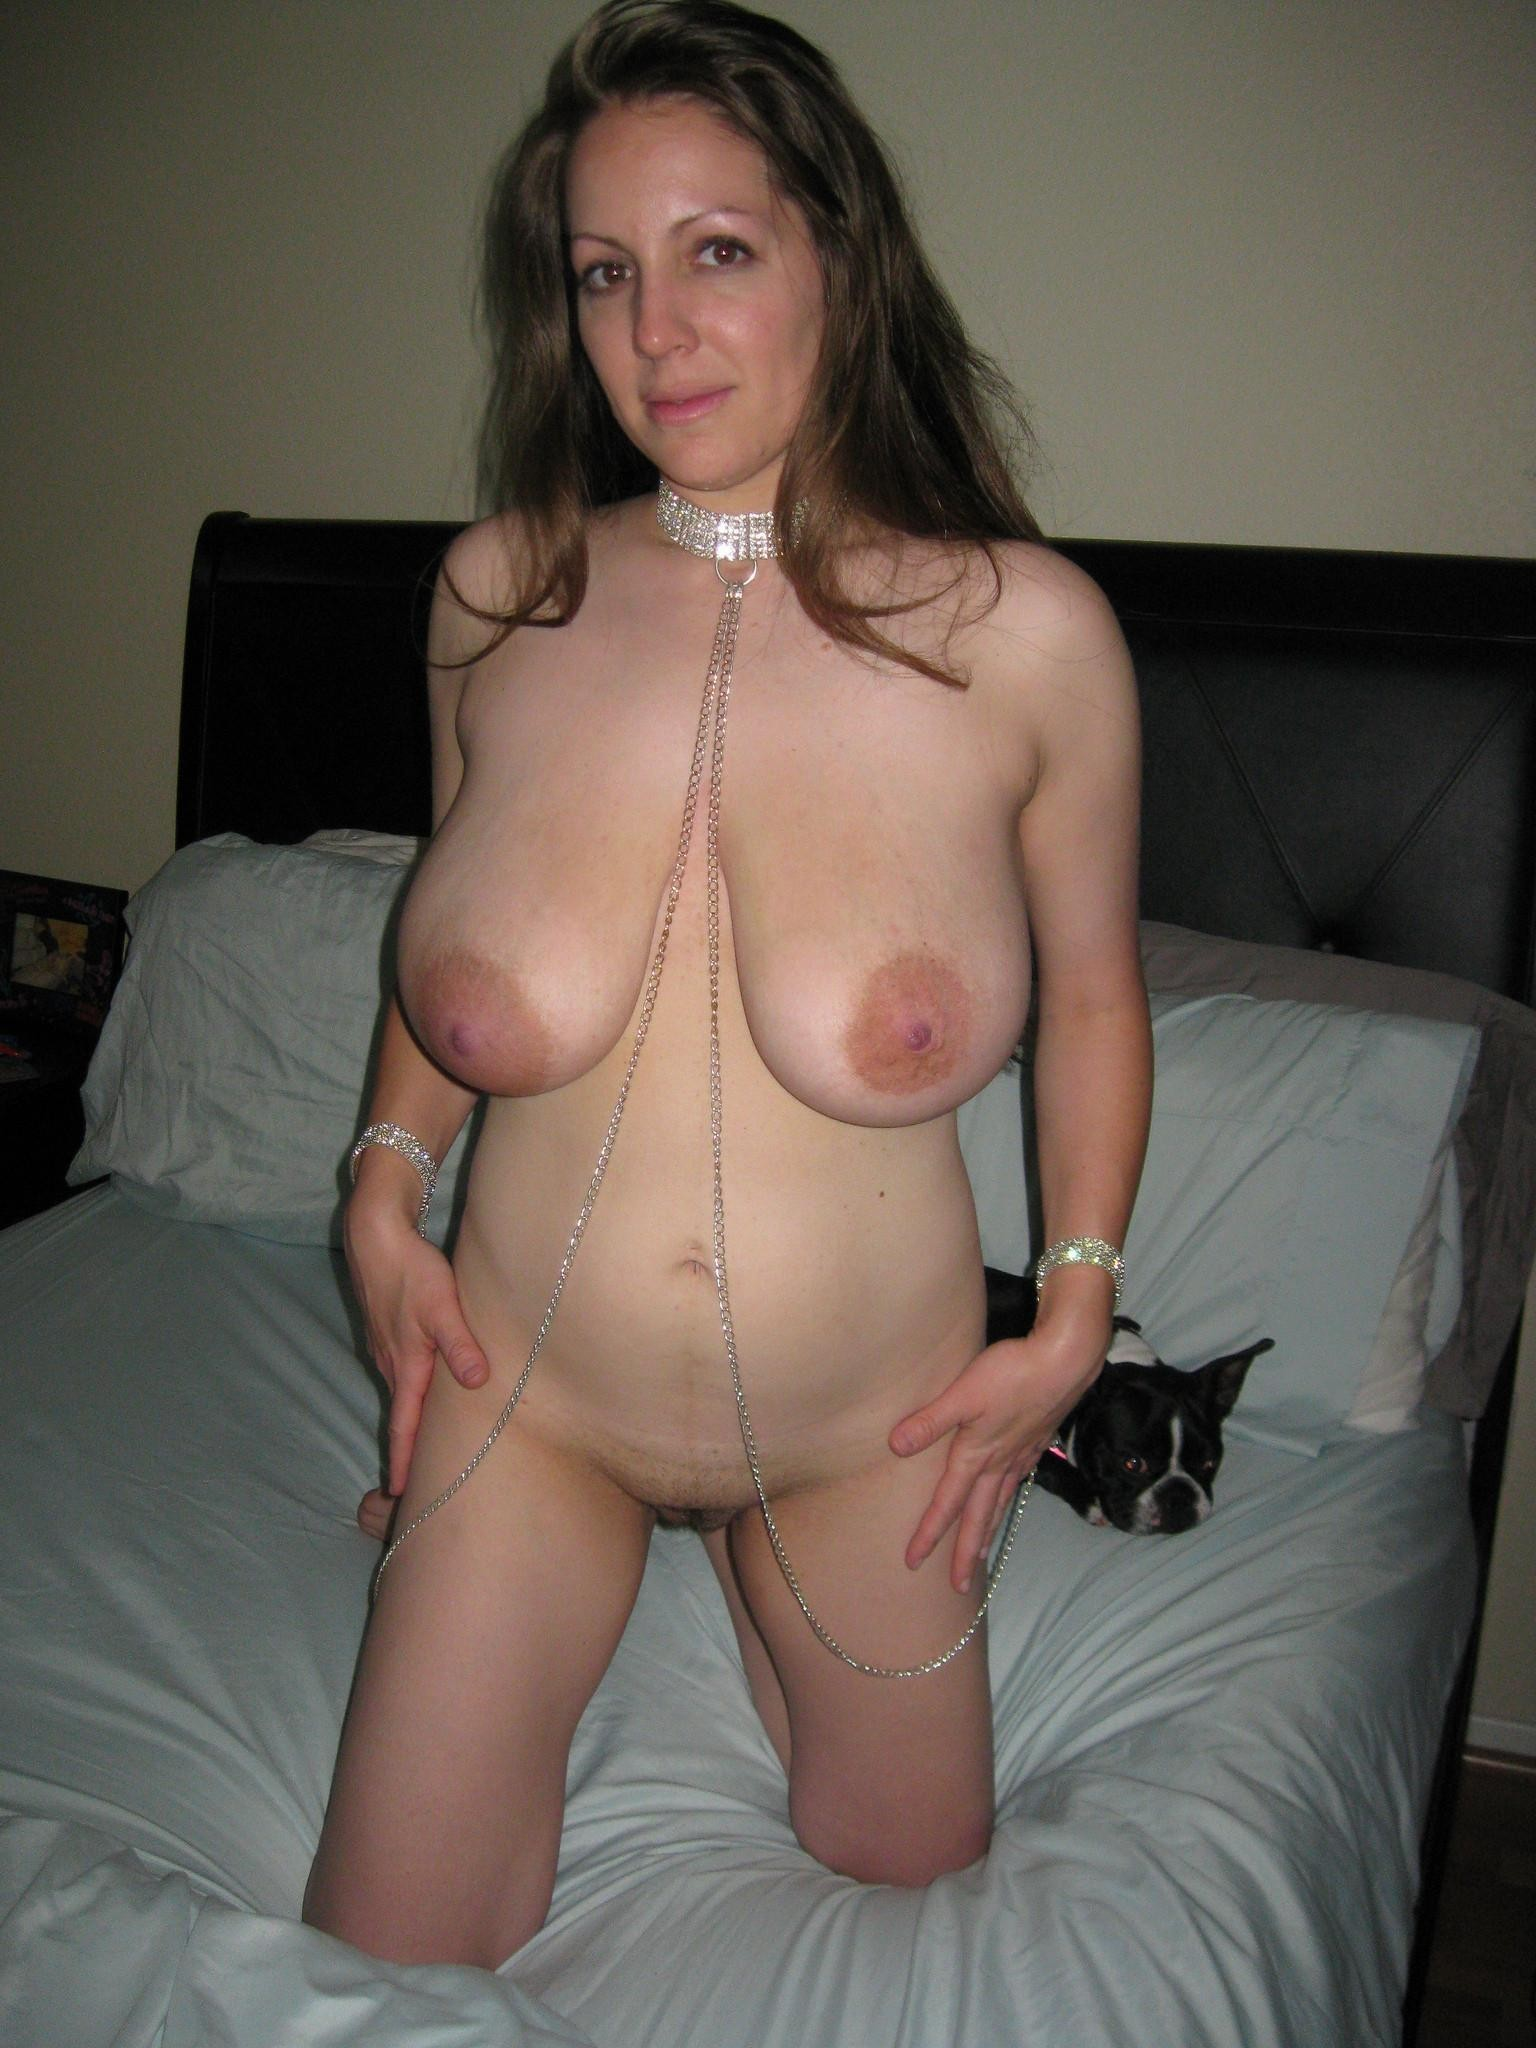 Amateur Brunette Cougar Porn Free Porn Pics Of Amateur Chubby Brunette Cougar With Big Tits